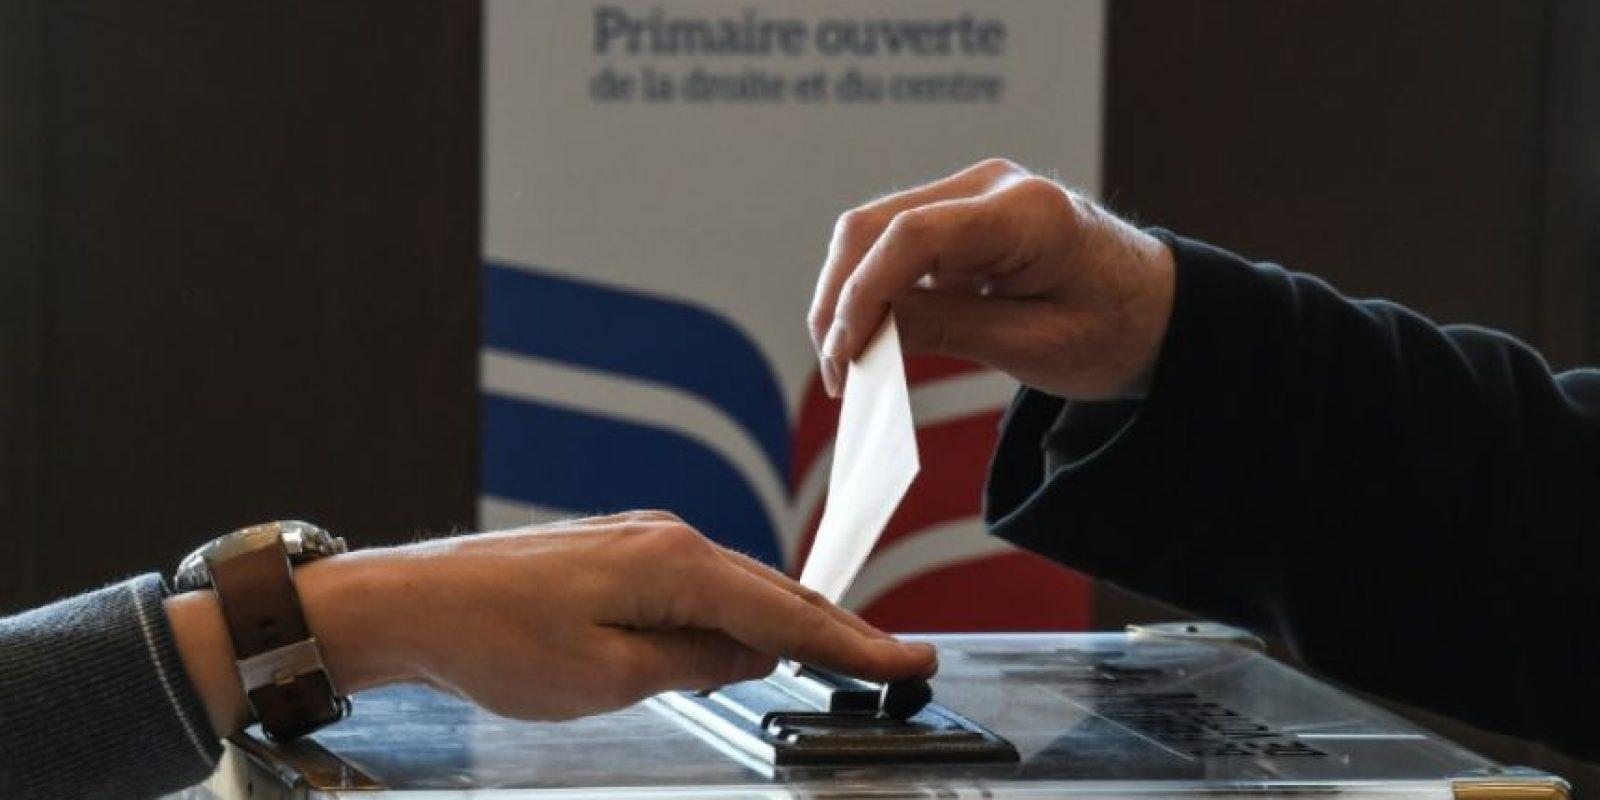 Un hombre vota en las elecciones primarias de la derecha para elegir candidato presidencial, en Mulhouse el 20 de noviembre de 2016 Foto:Sebastien Bozon/afp.com